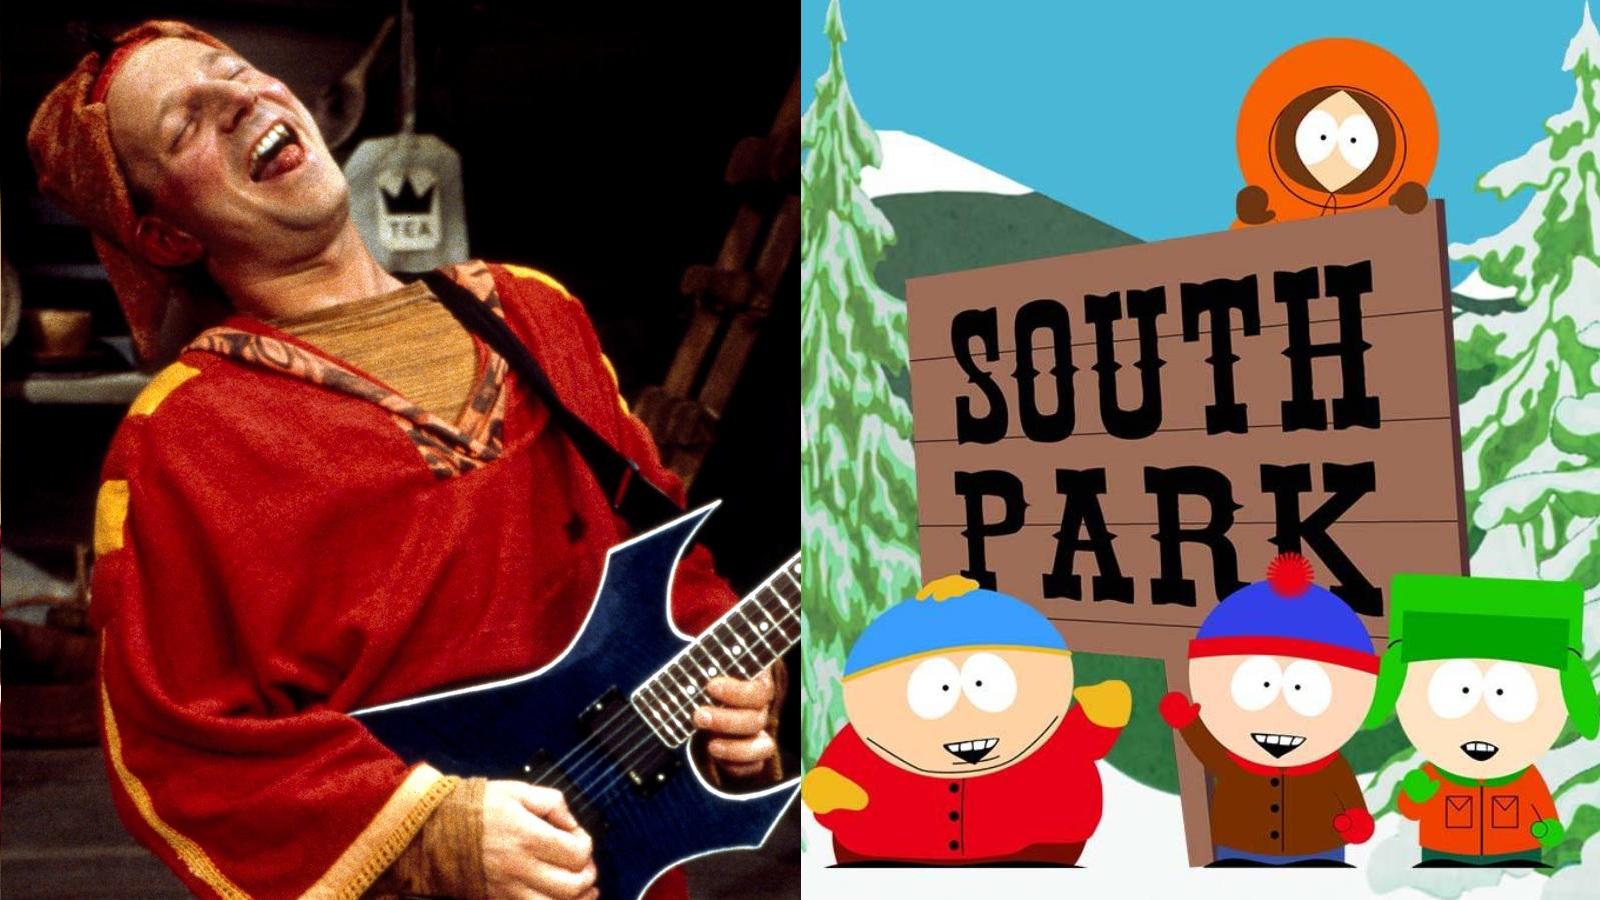 Pyrus og South Park